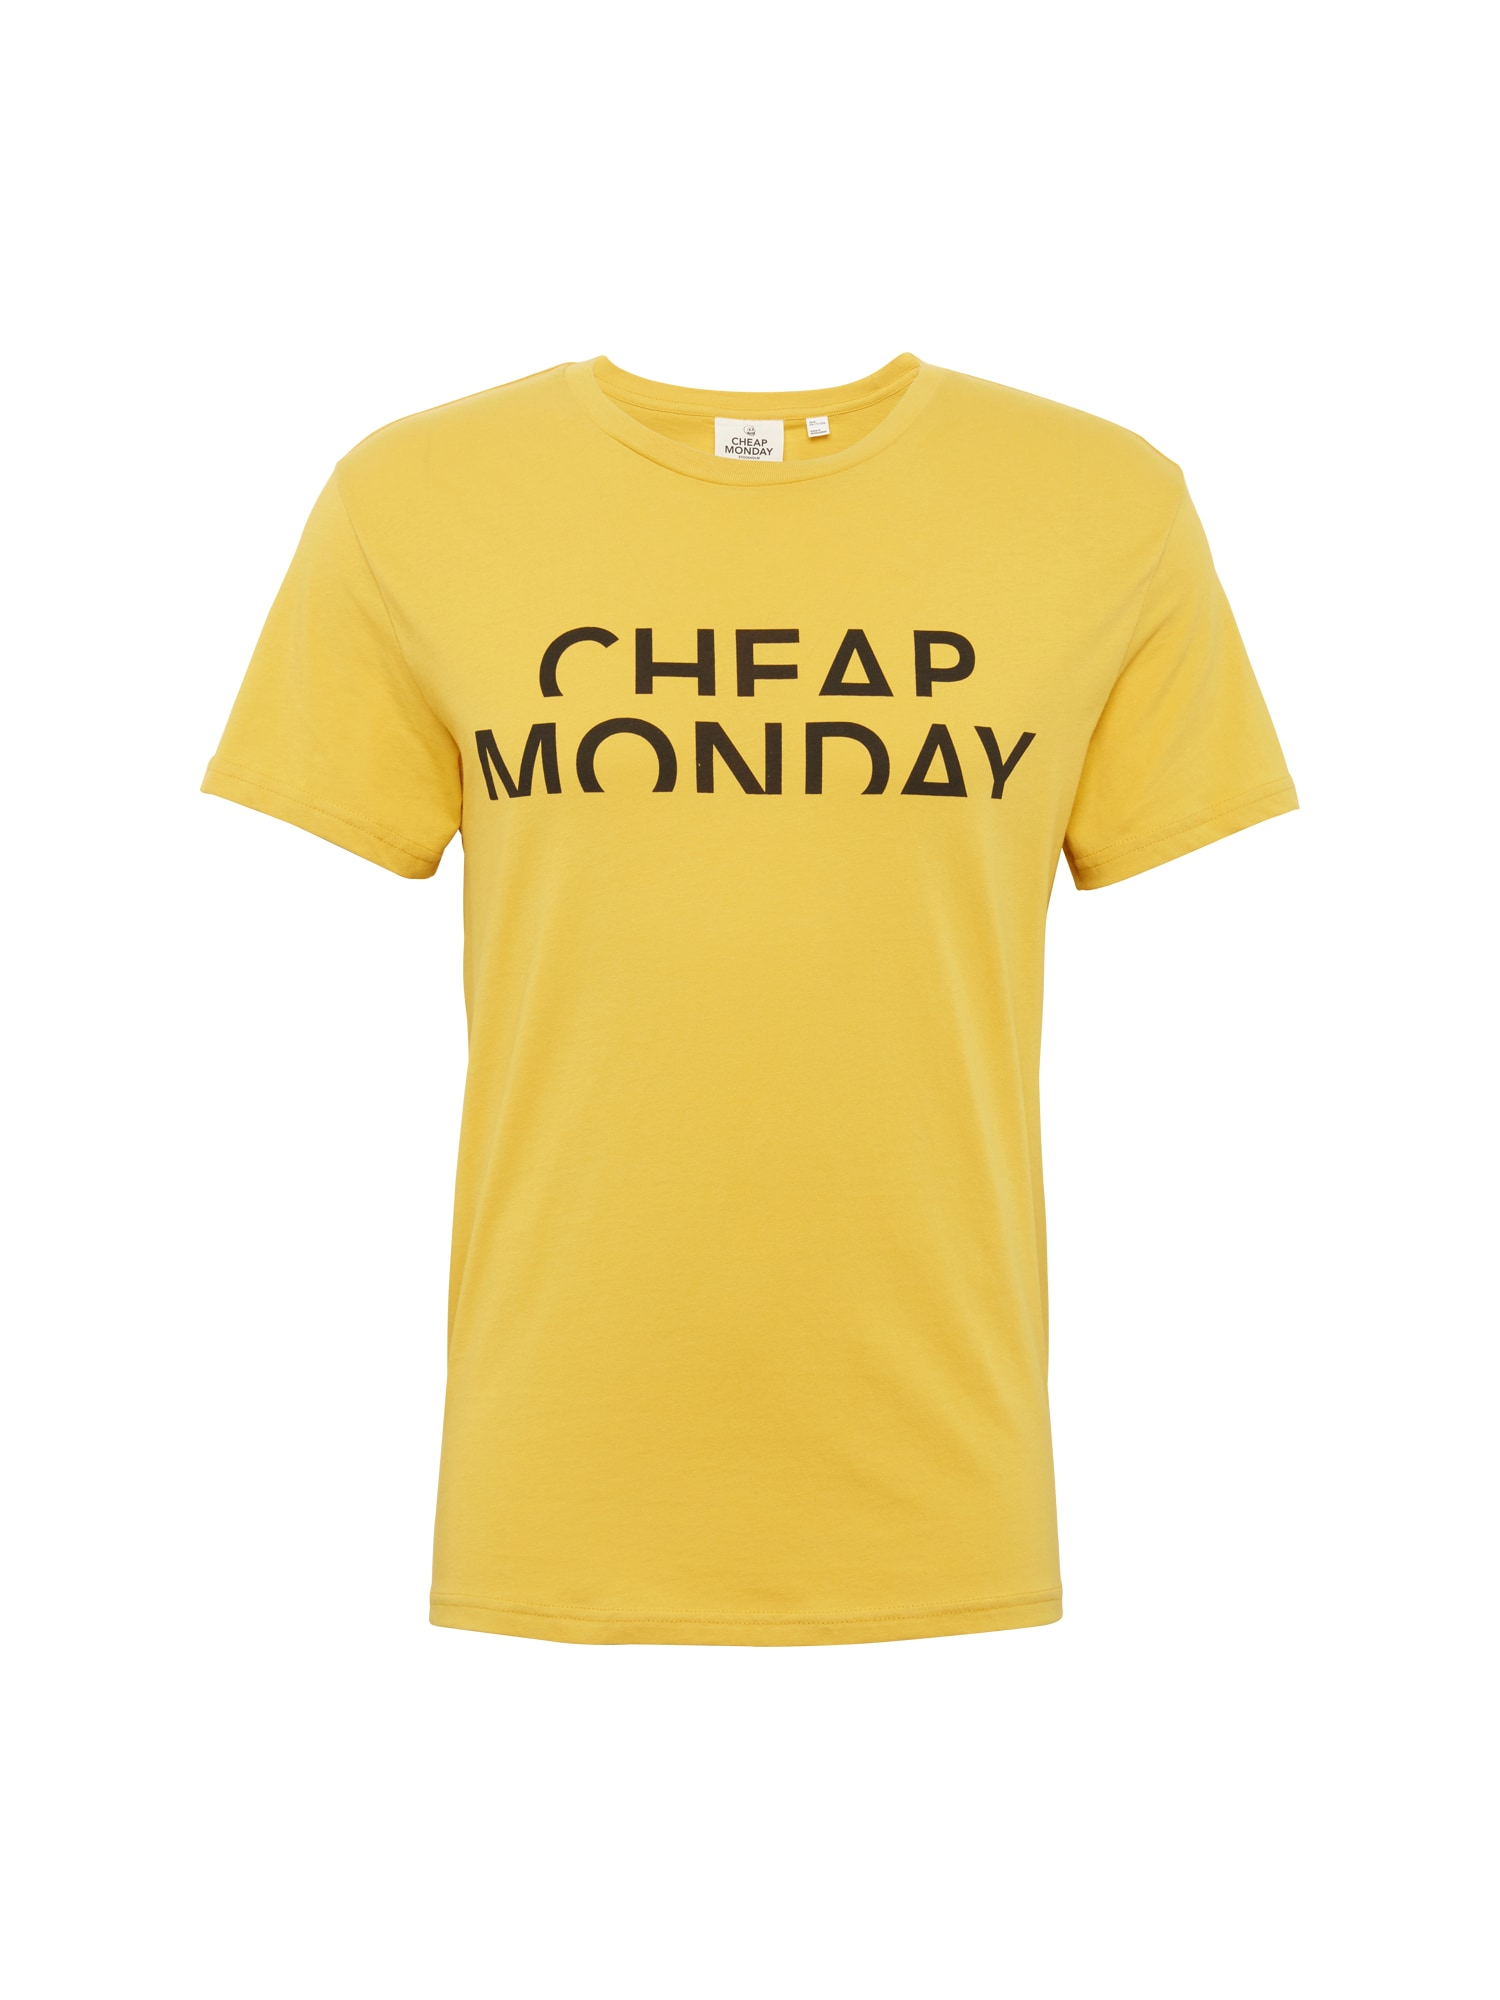 CHEAP MONDAY Heren Shirt Standard tee Spliced cheap mosterd zwart